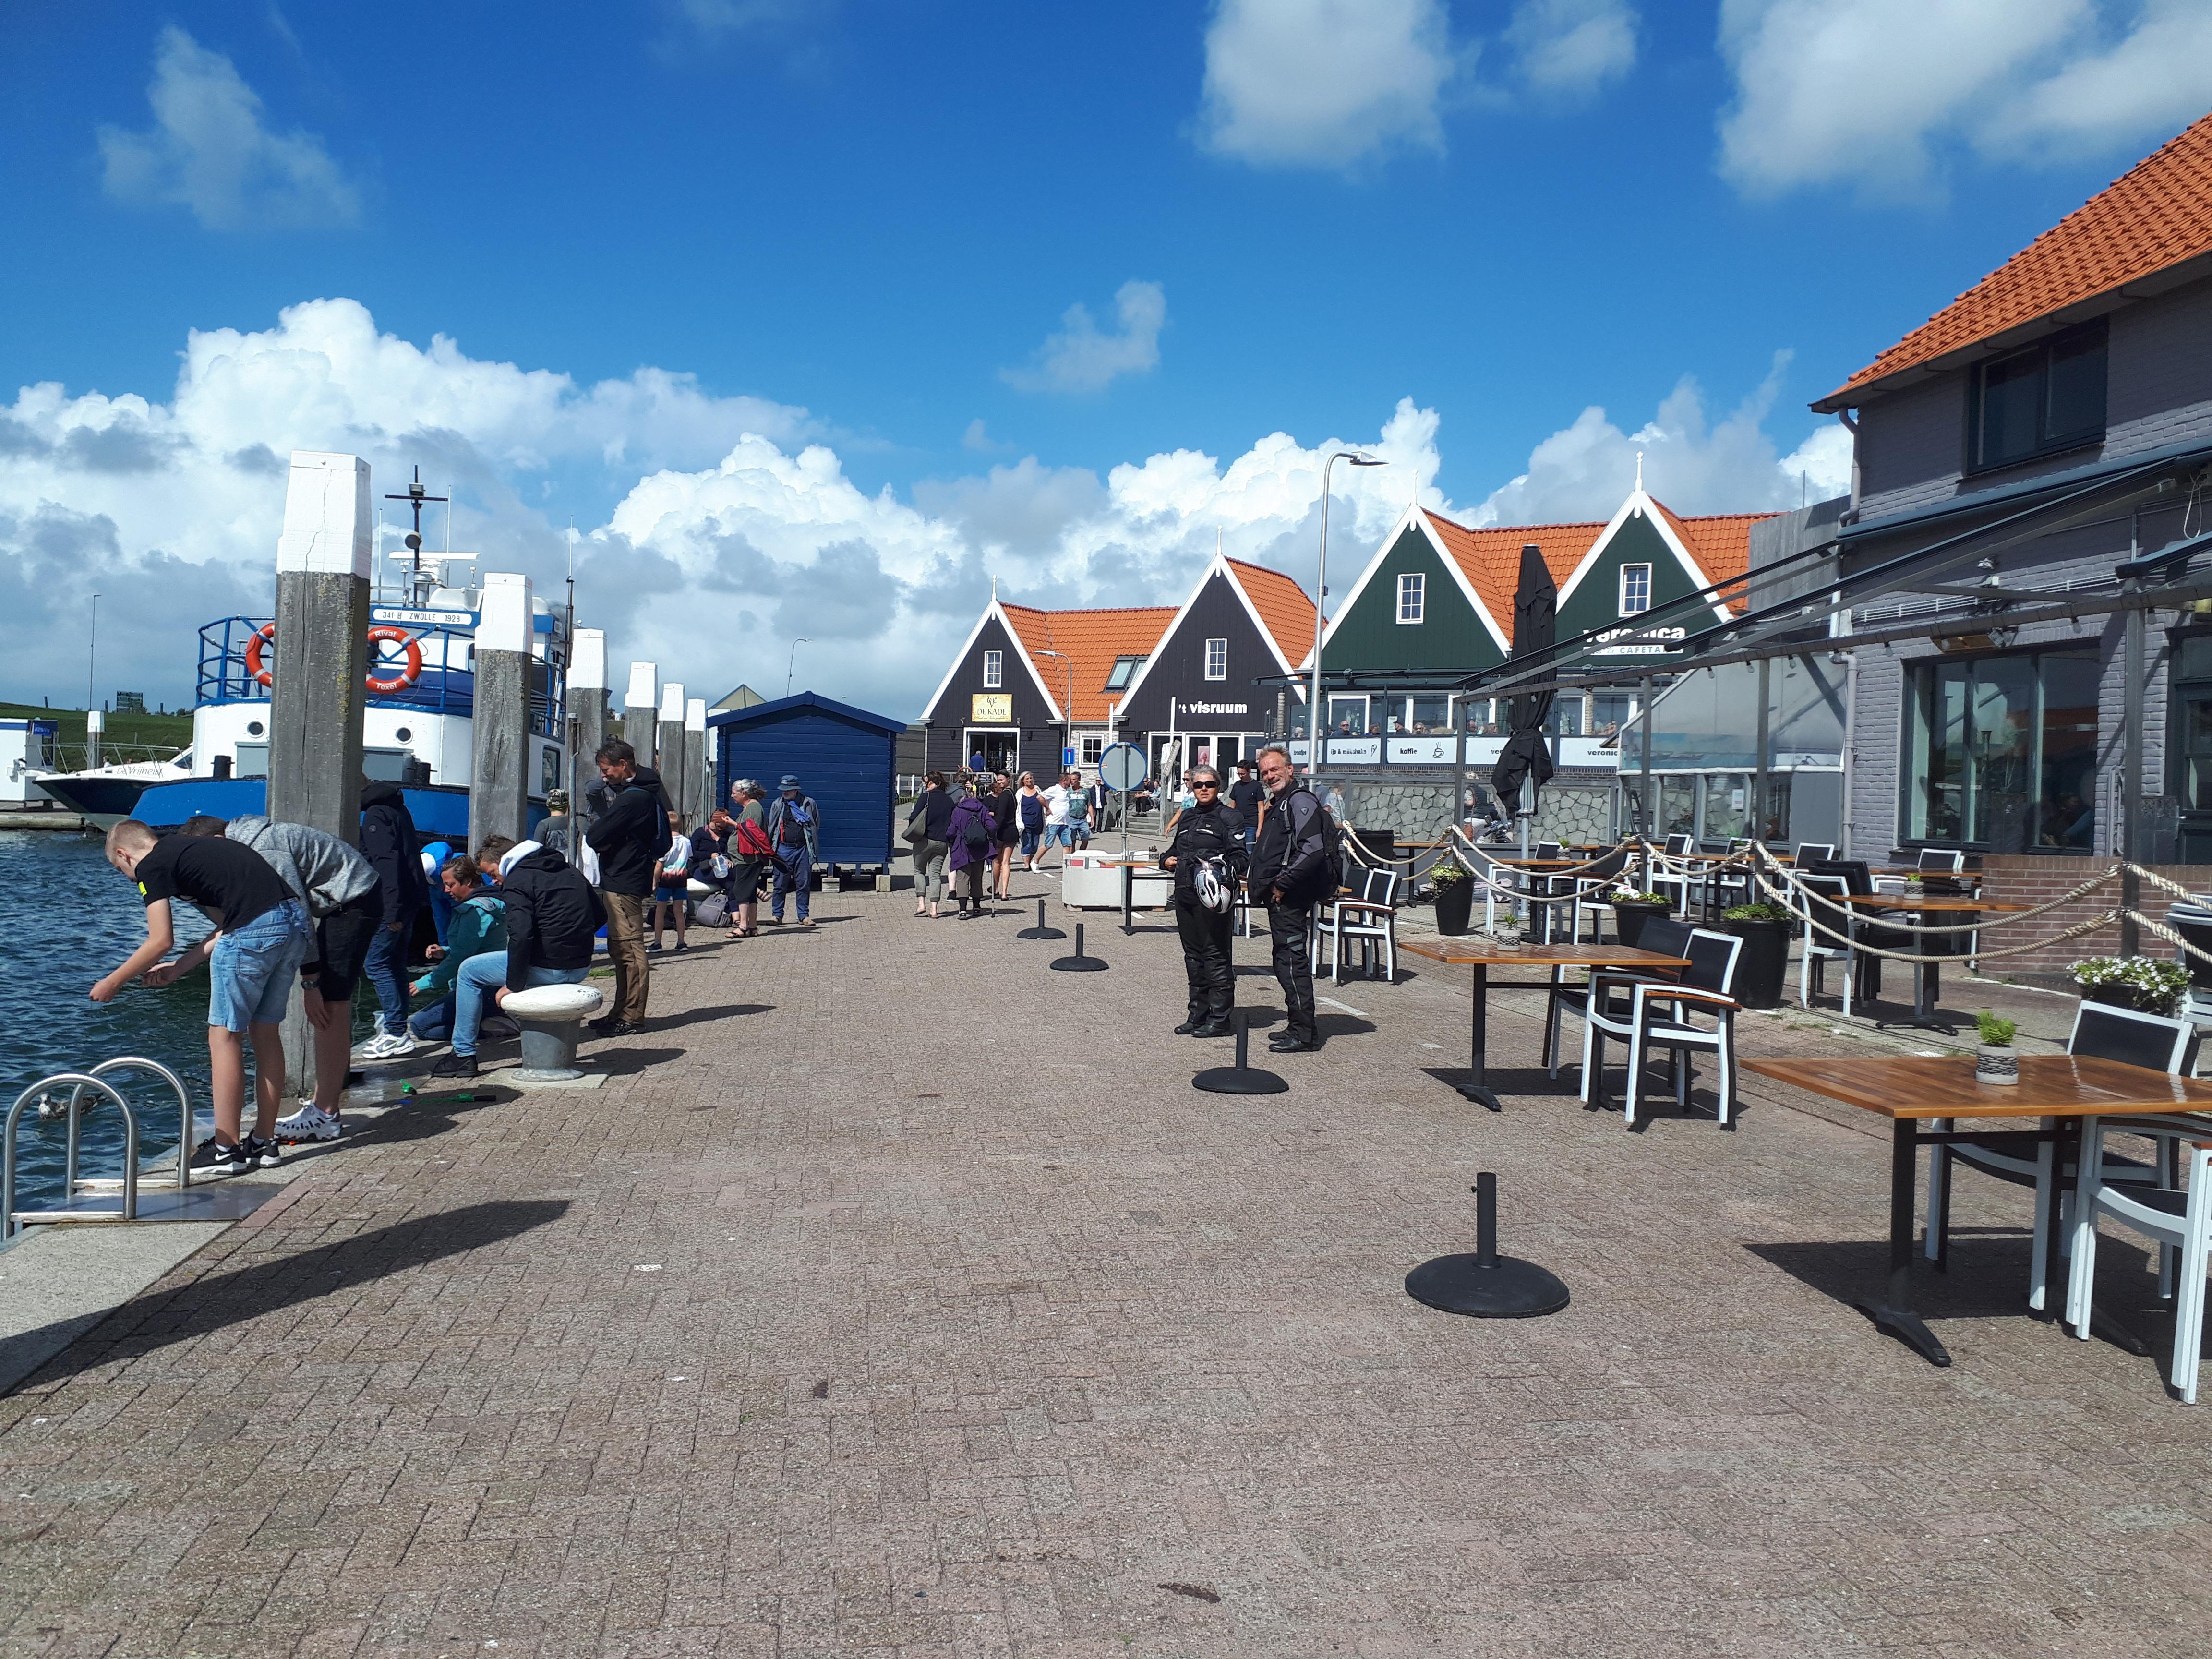 Toeristeneiland Texel heeft een eigen app om drukte te vermijden in coronatijd. Maar werkt dat een beetje? 'Server niet bereikbaar. Probeer het later nog eens'